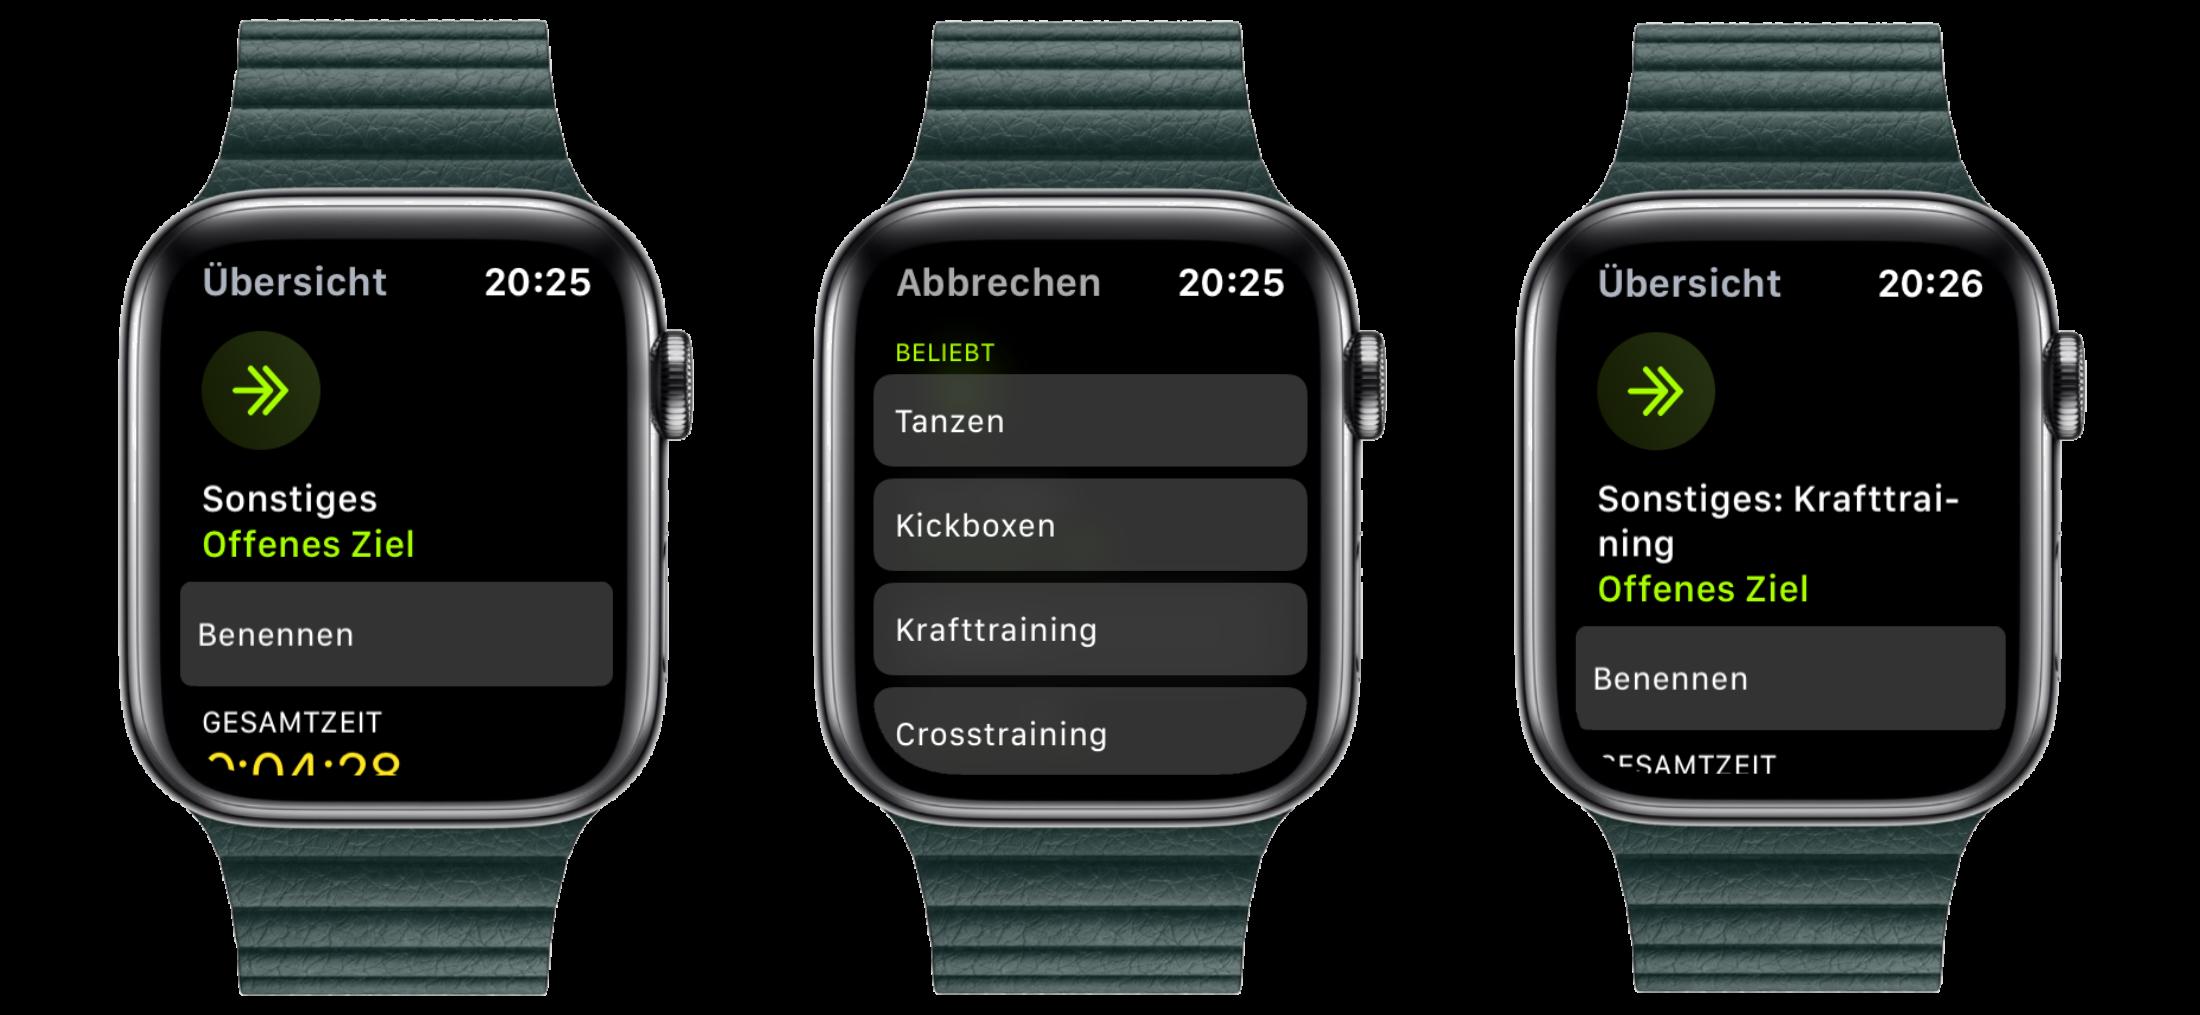 Eigene-Trainingsaktivitäten-auf-der-Apple-Watch-so-gehts2 Eigene Trainingsaktivitäten auf der Apple Watch - so geht's